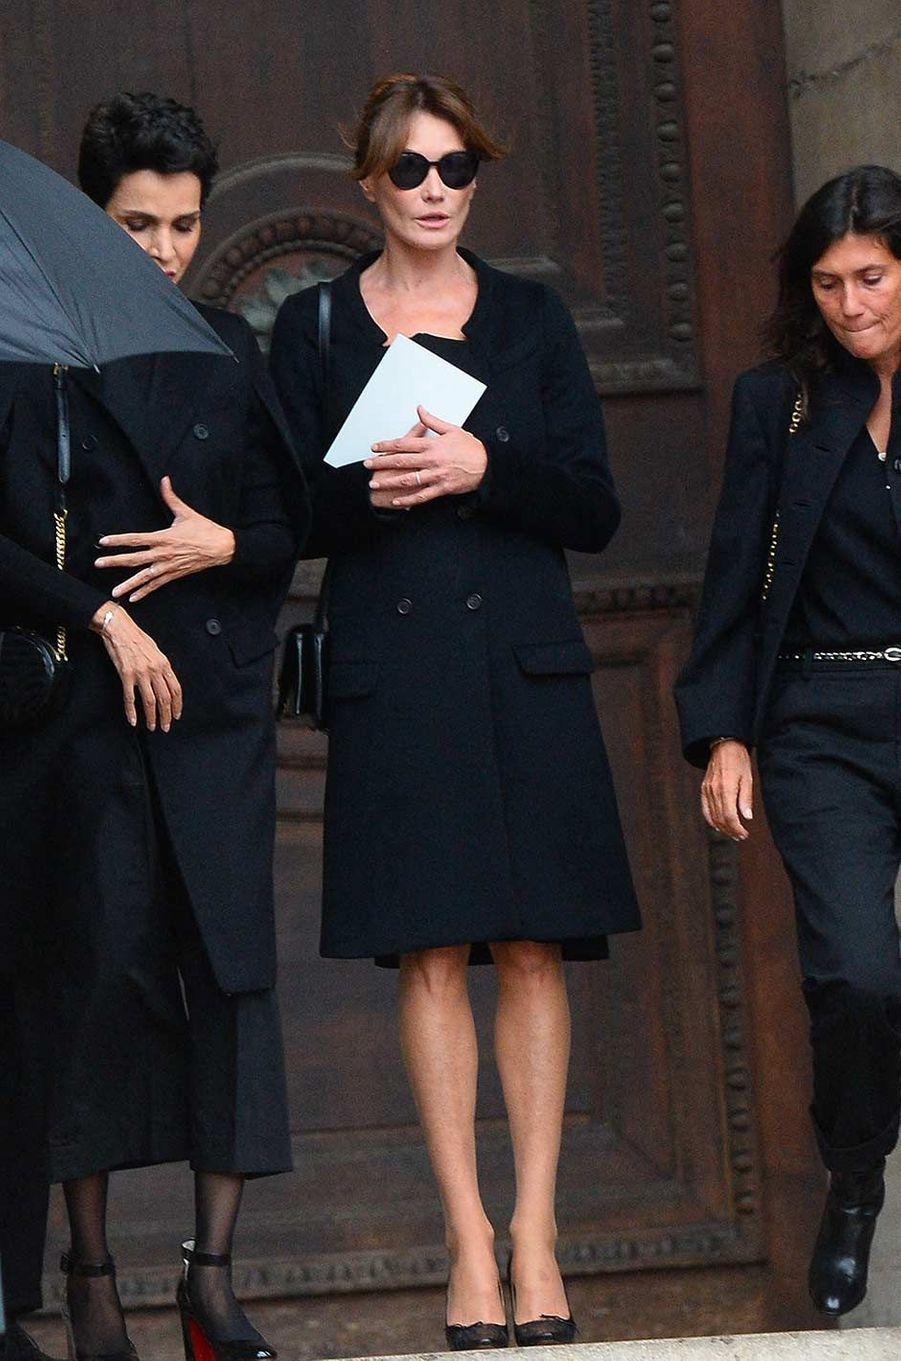 Farida Khelfa et Carla Bruniaux obsèques de Peter Lindbergh, à Paris, le 24 septembre 2019.